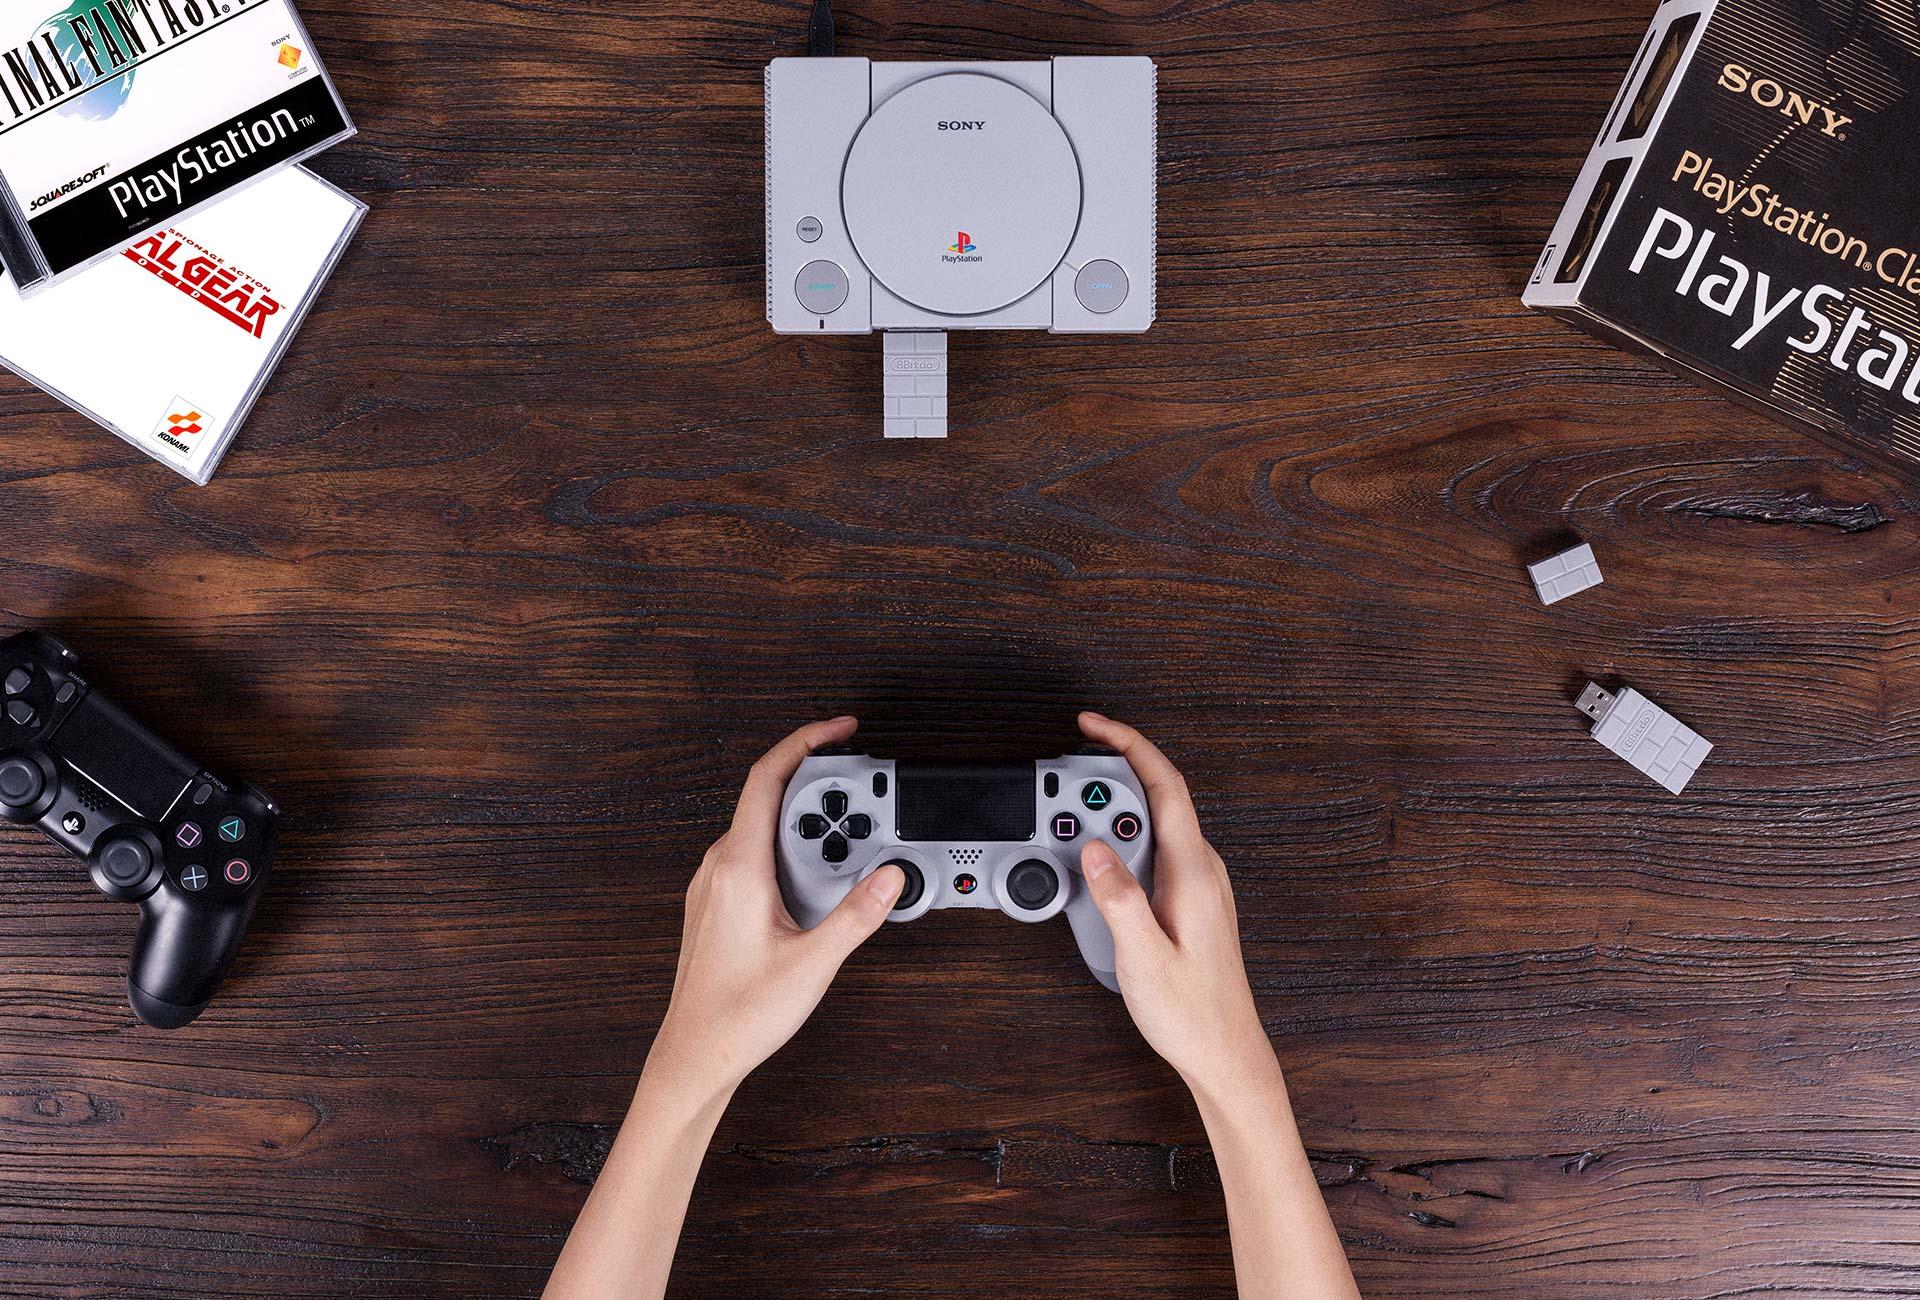 8Bitdo USB Adaptateur sans fil pour Playstation Classic